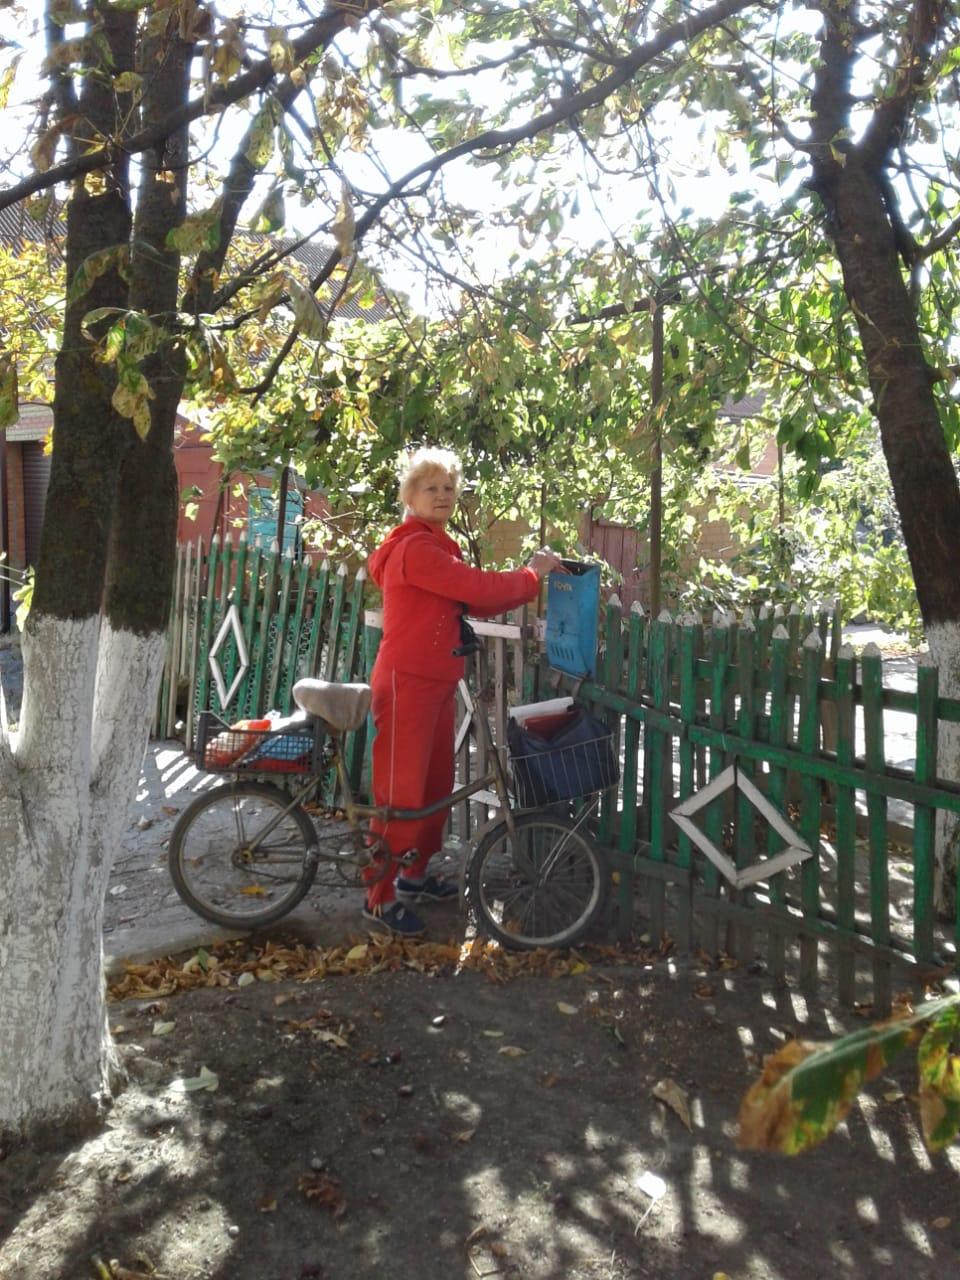 Лариса Азарова: «У нас же, на селе, почтальона ждут, даже если им и строчки никто давным-давно не шлёт. Спозаранку выглядывают».